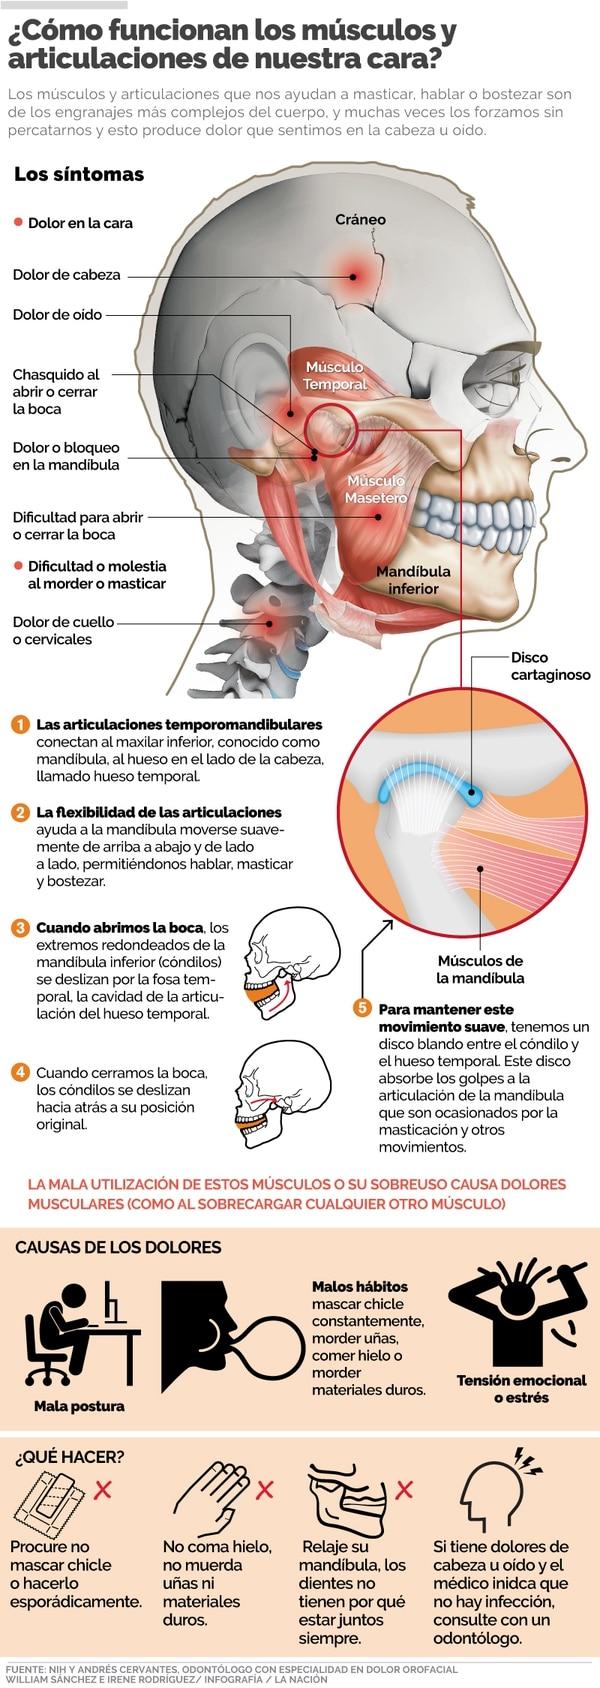 Un dolor de espalda puede causar dolor de cabeza